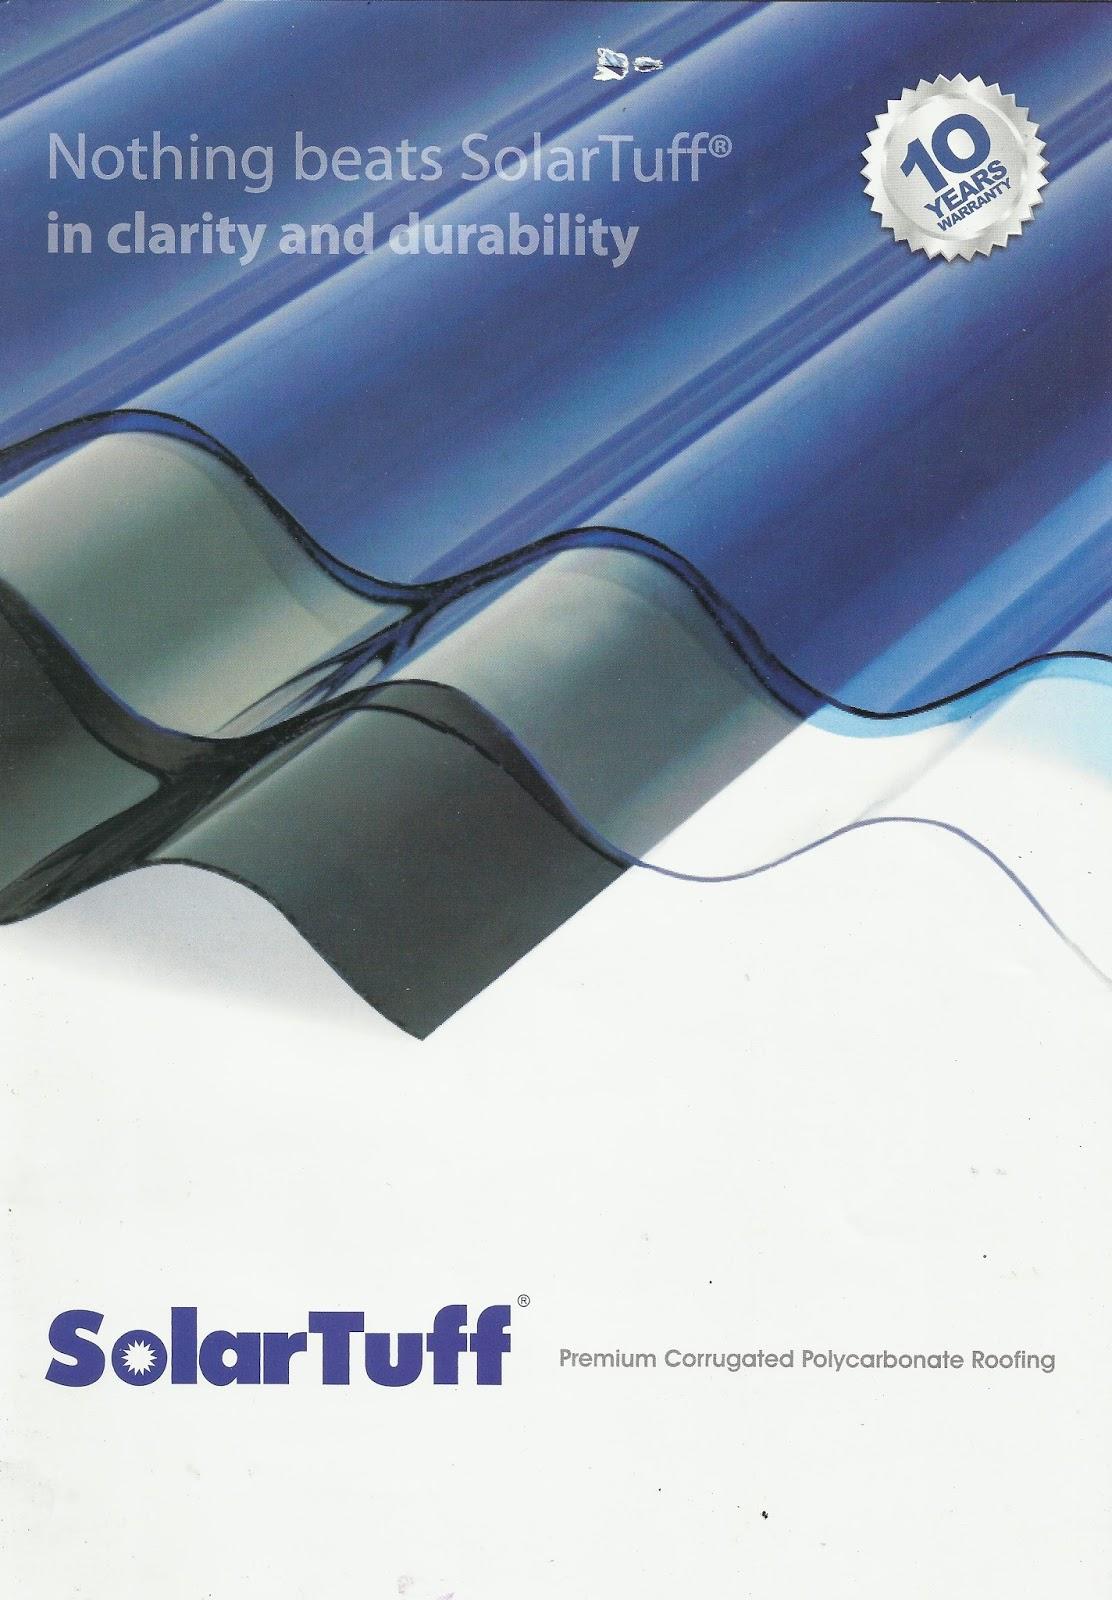 solartuff 1 - Cv. Bangun Tujuh Cahaya